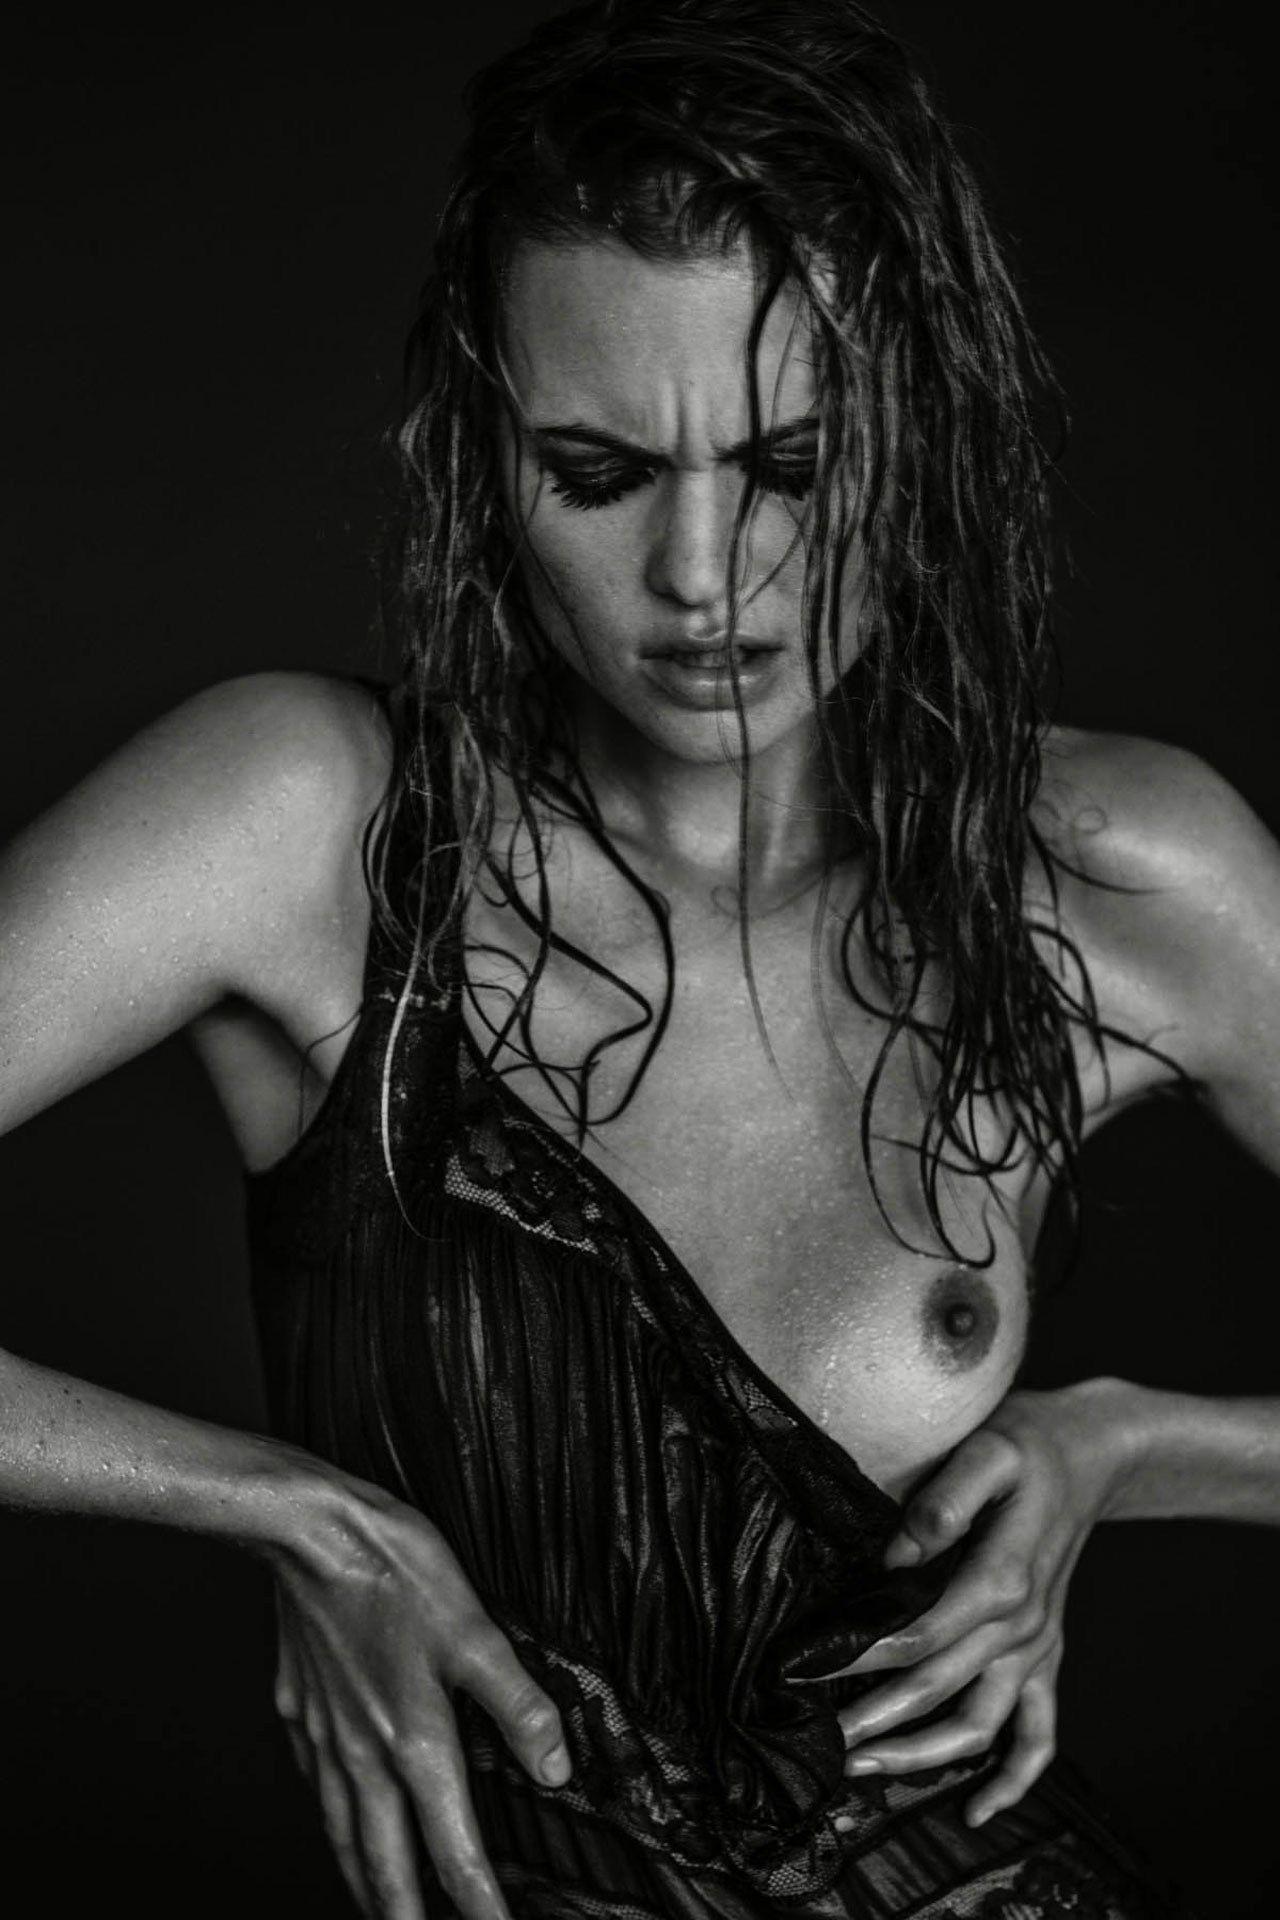 Victoria secret models nakt